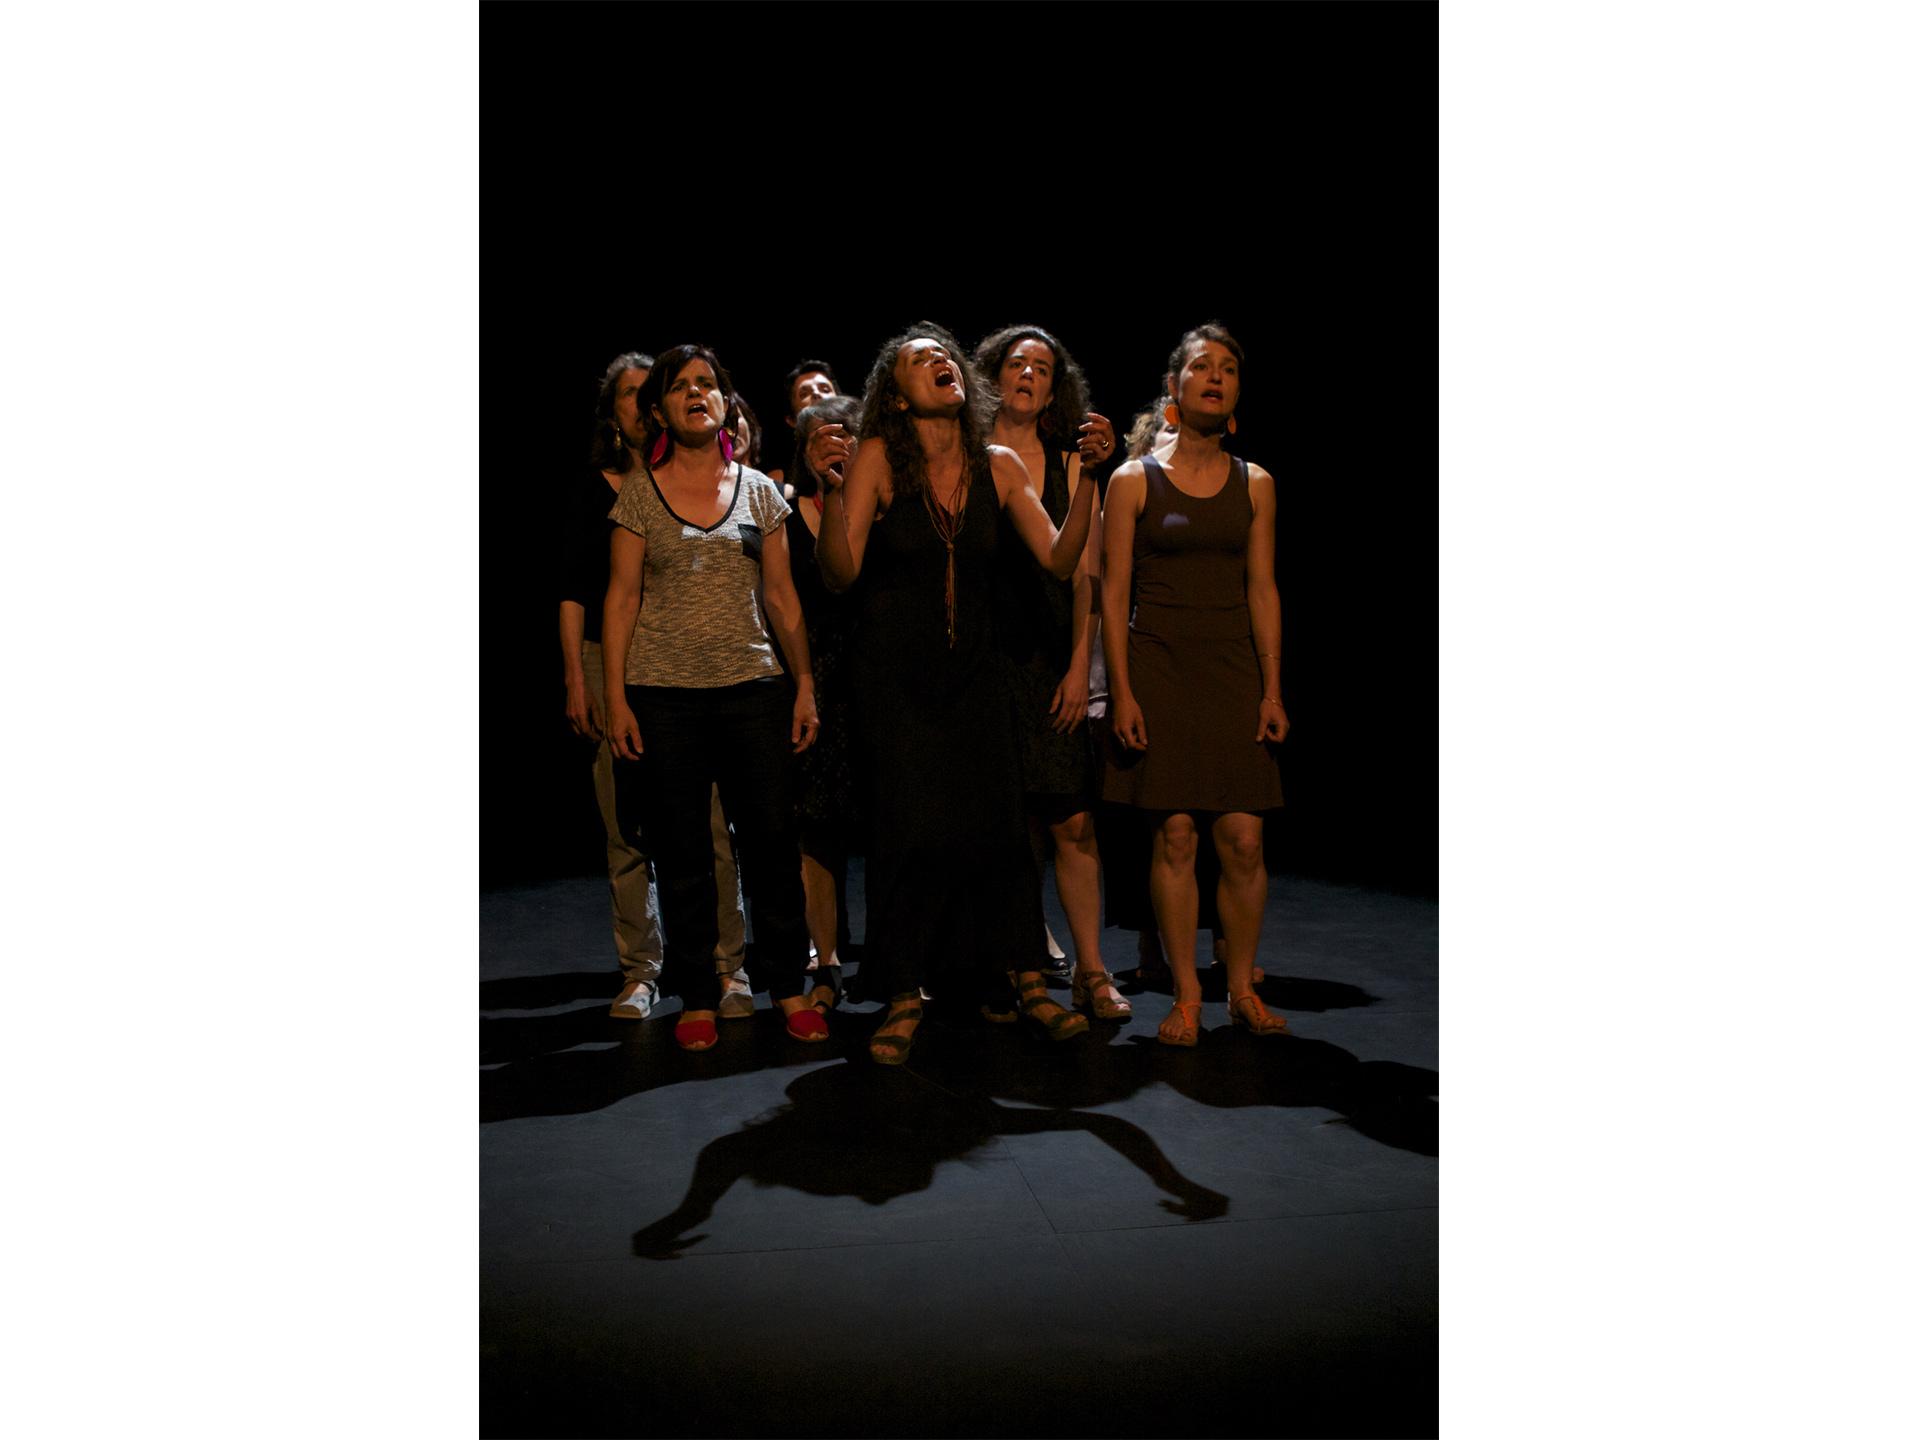 Compagnie mises en scènes 12 - Blandine Armand - série photos